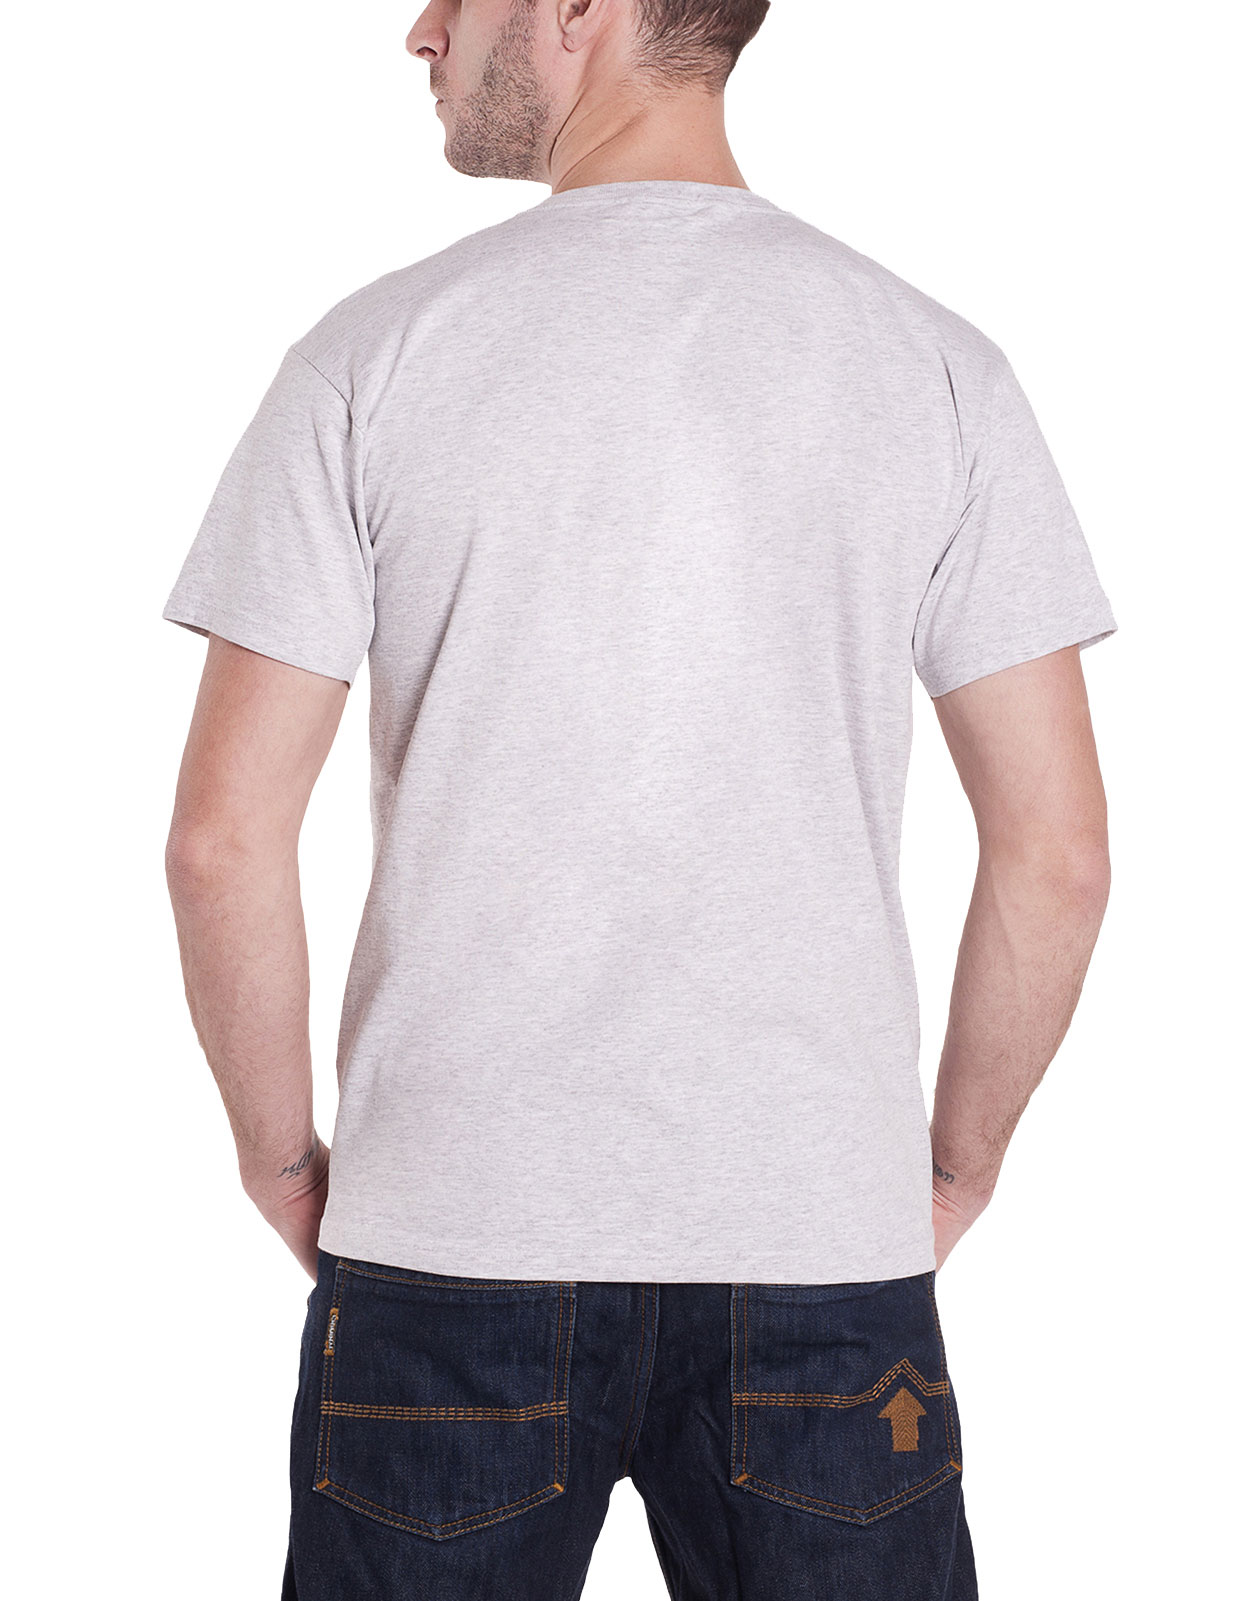 Rick-and-Morty-T-Shirt-Pickle-Rick-Portail-spirale-Wubba-Lubba-nouveau-officiel-Homme miniature 21